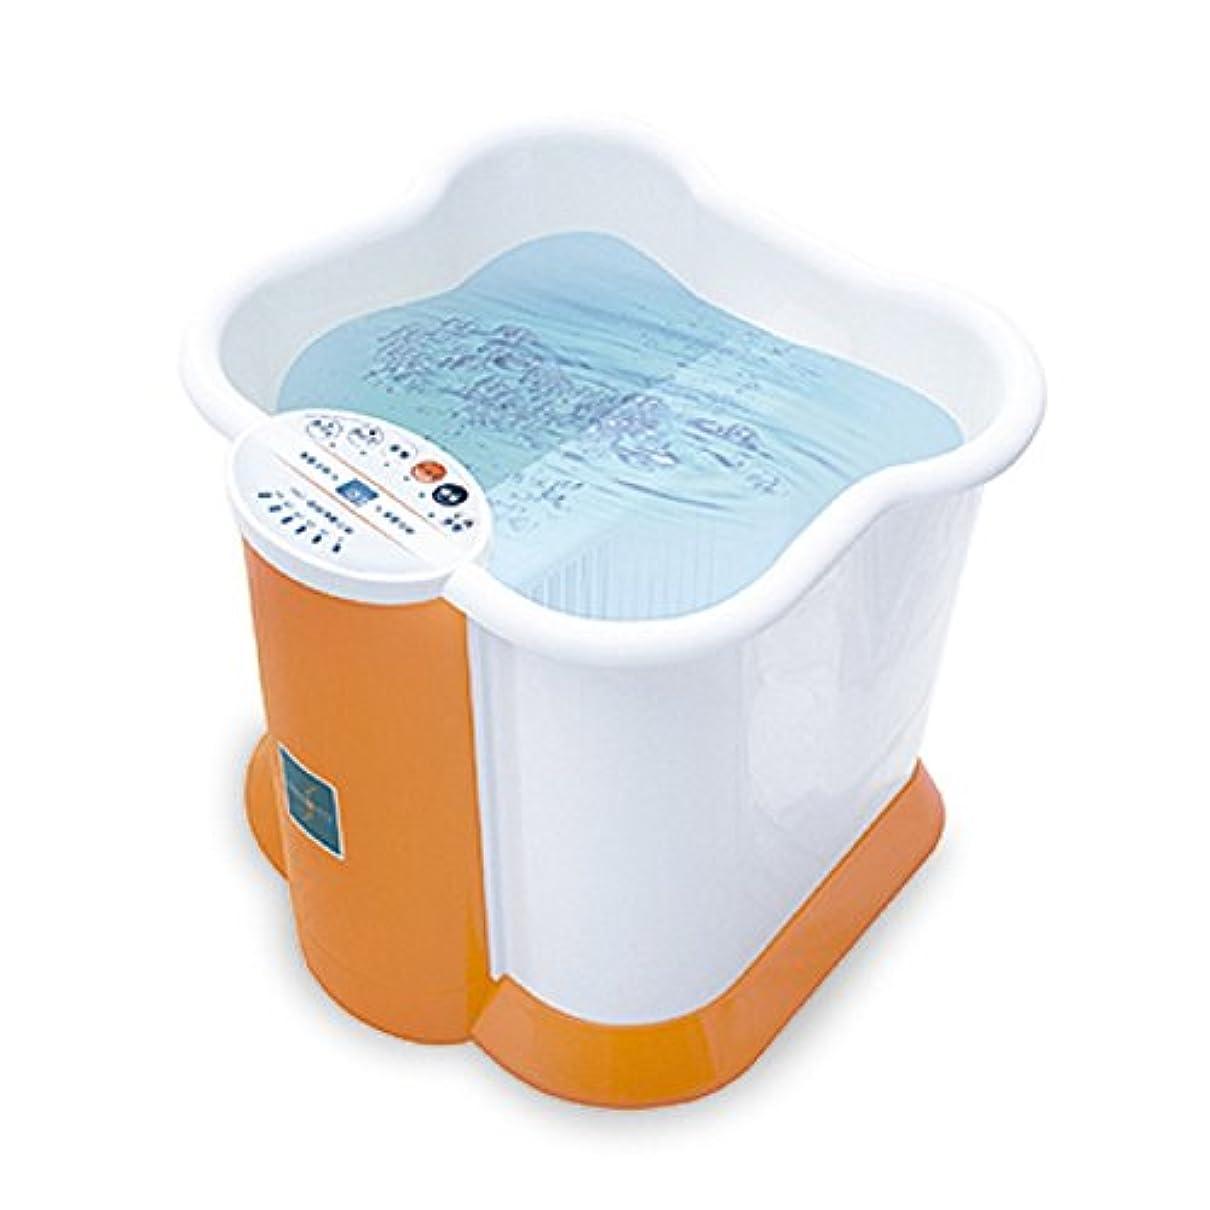 極地ぺディカブ告白する深型 足湯 フットバス Ashiyu foot Spa KS-N1010 保温 バブル